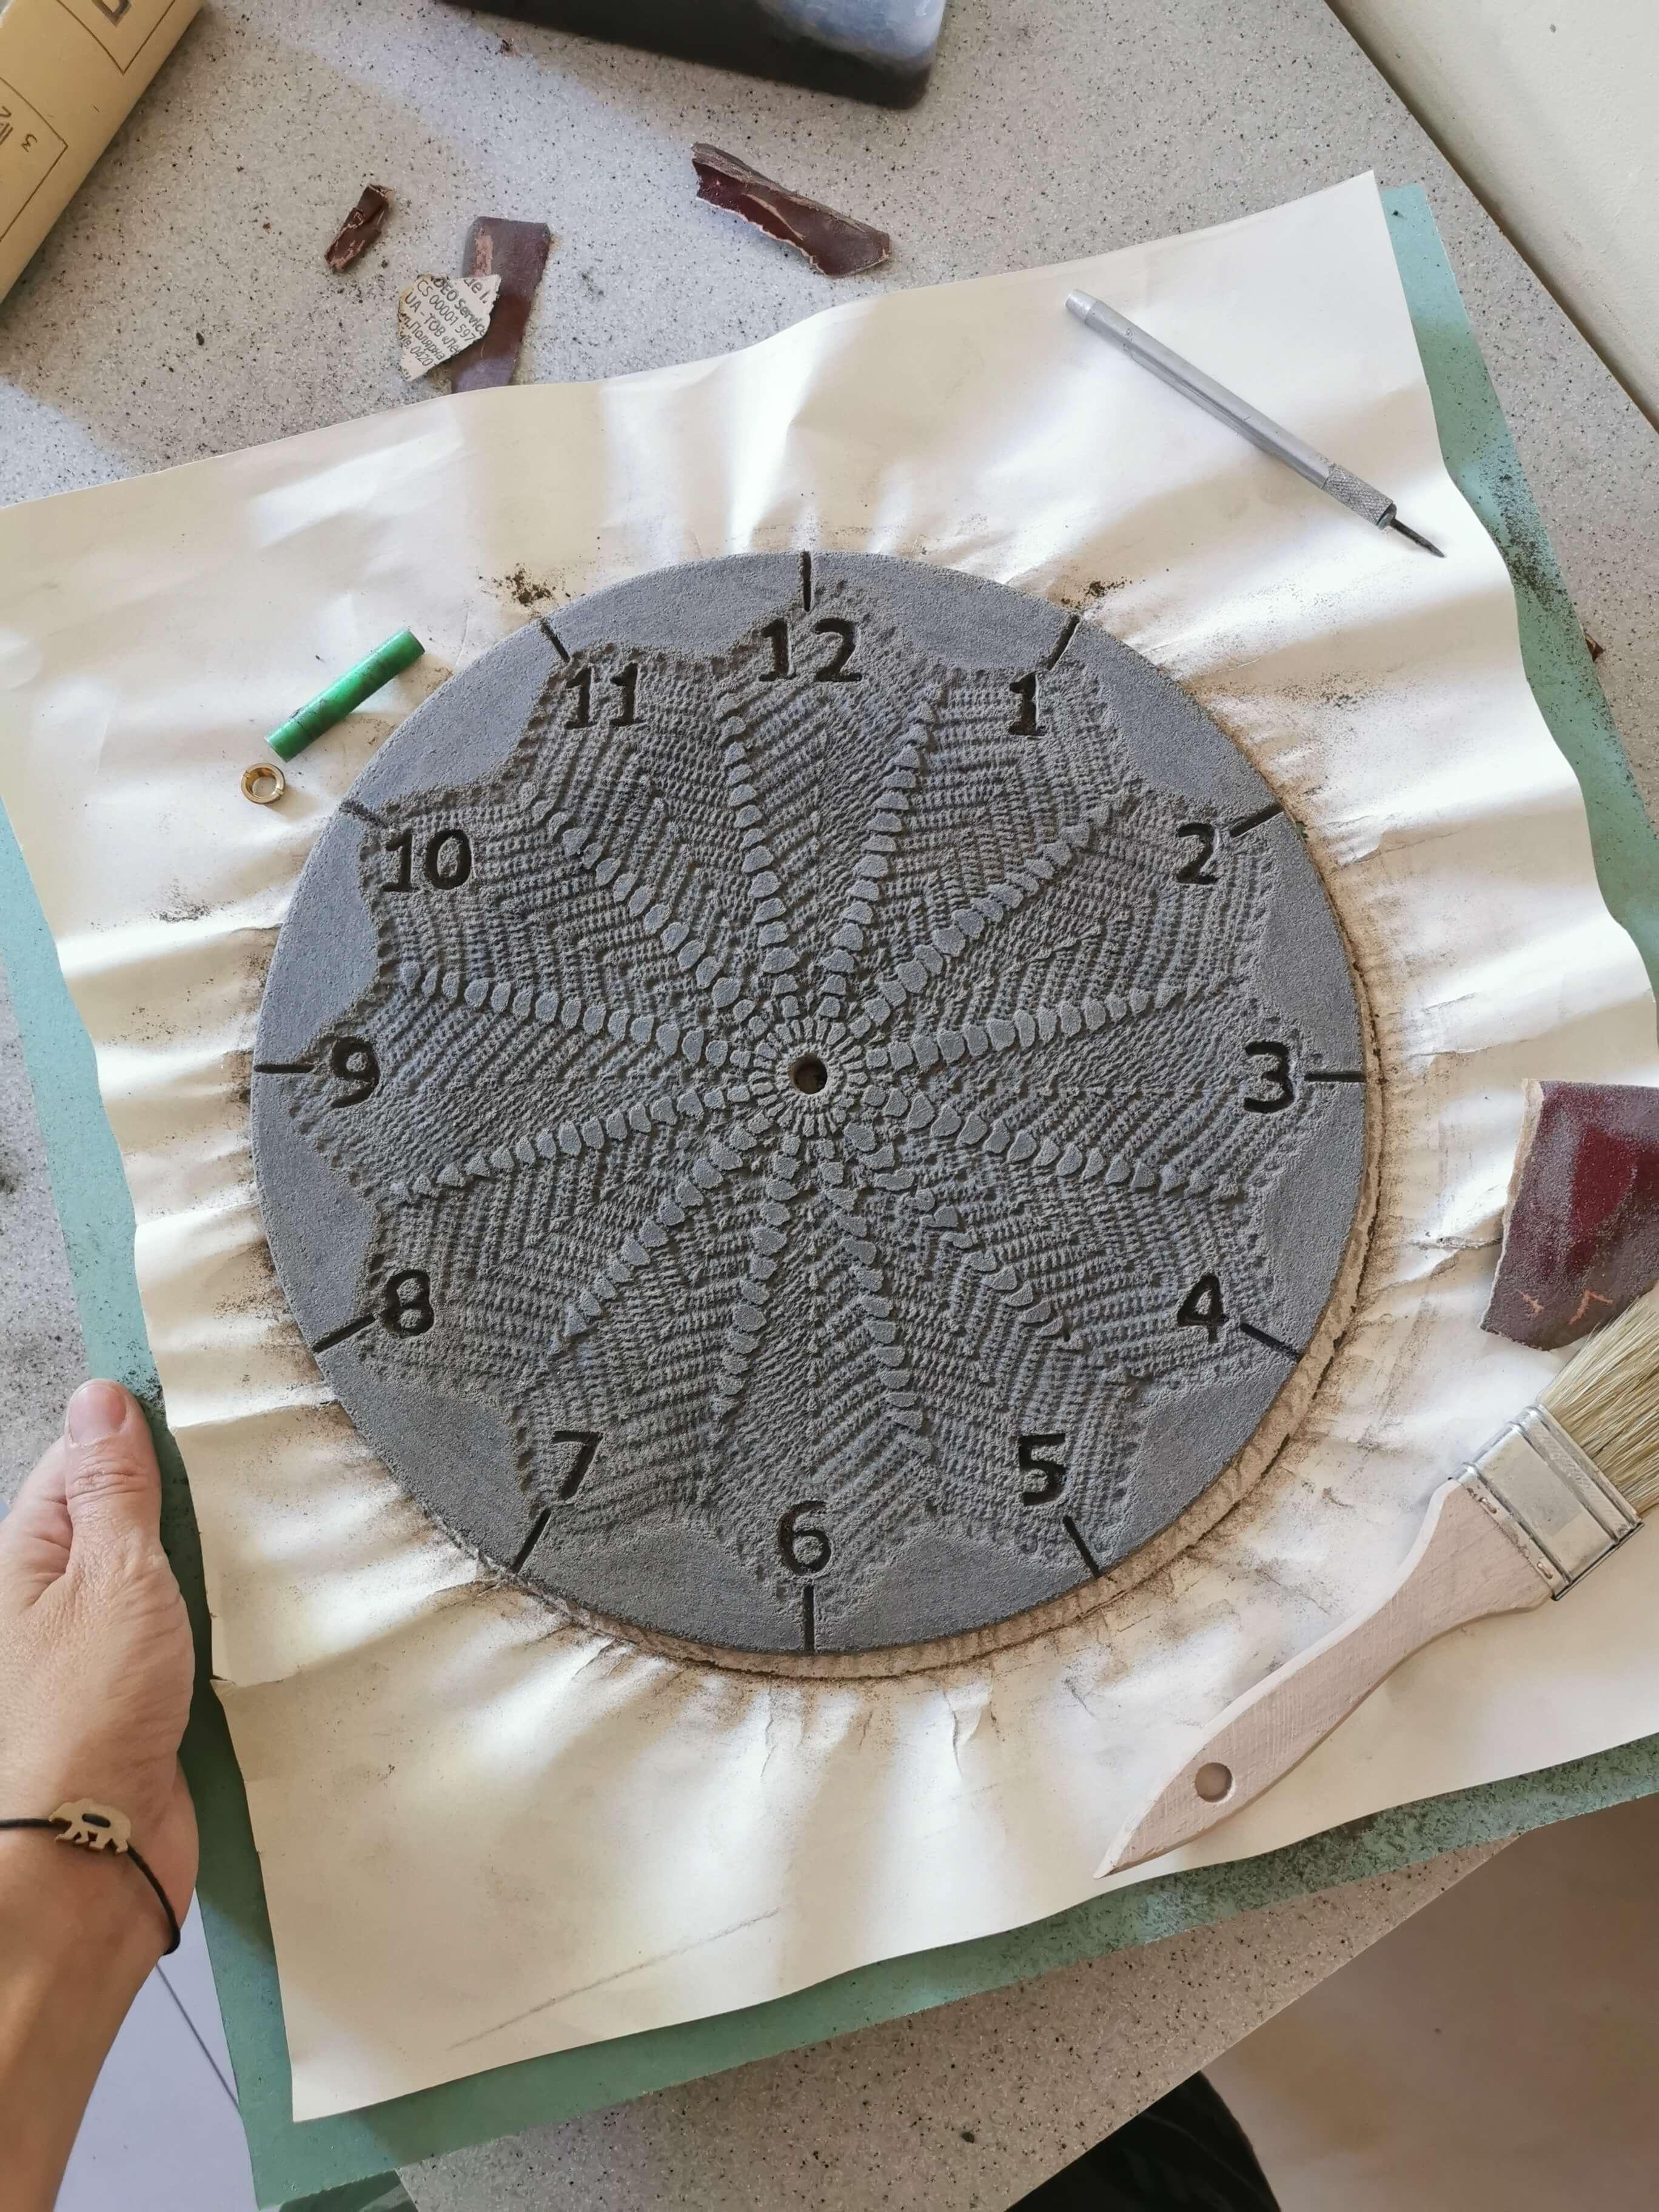 czarny-zegar-koronka-warsztat-szlifowanie